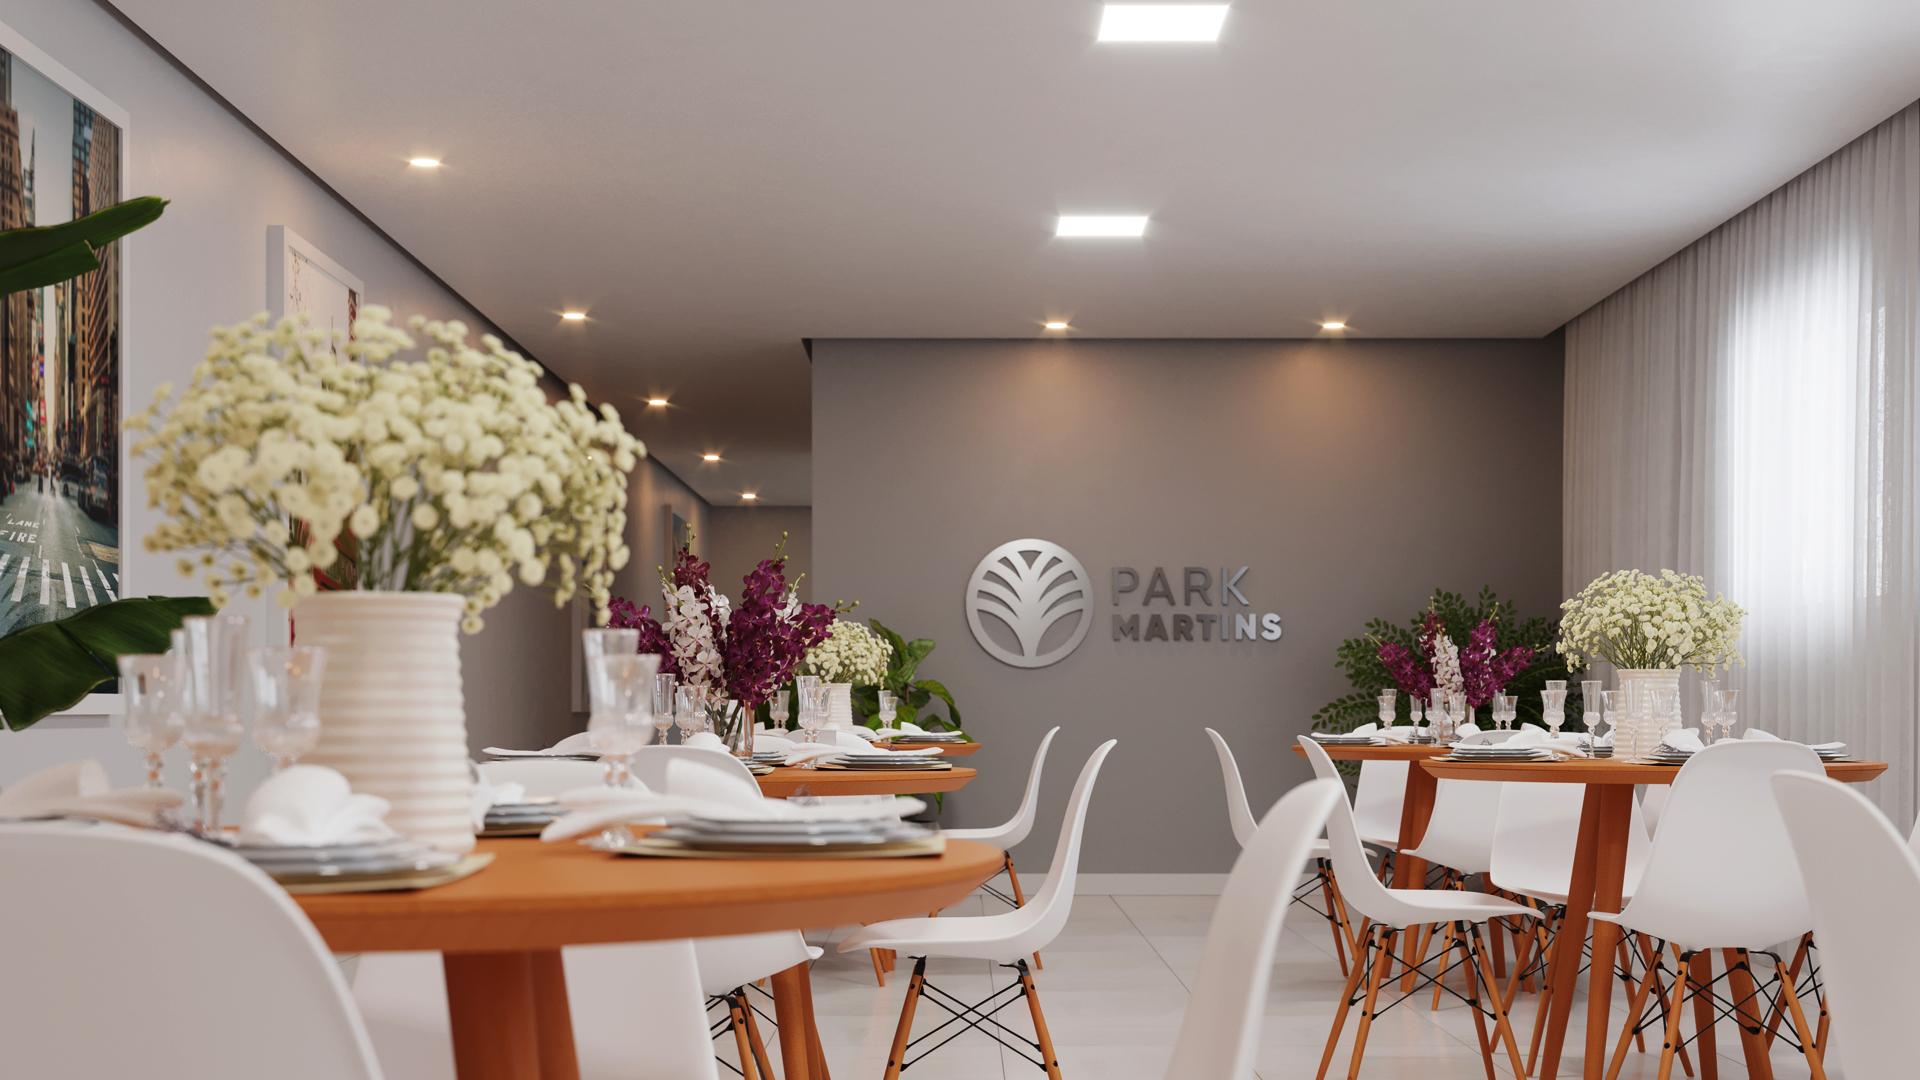 Salão de festa - Park Martins